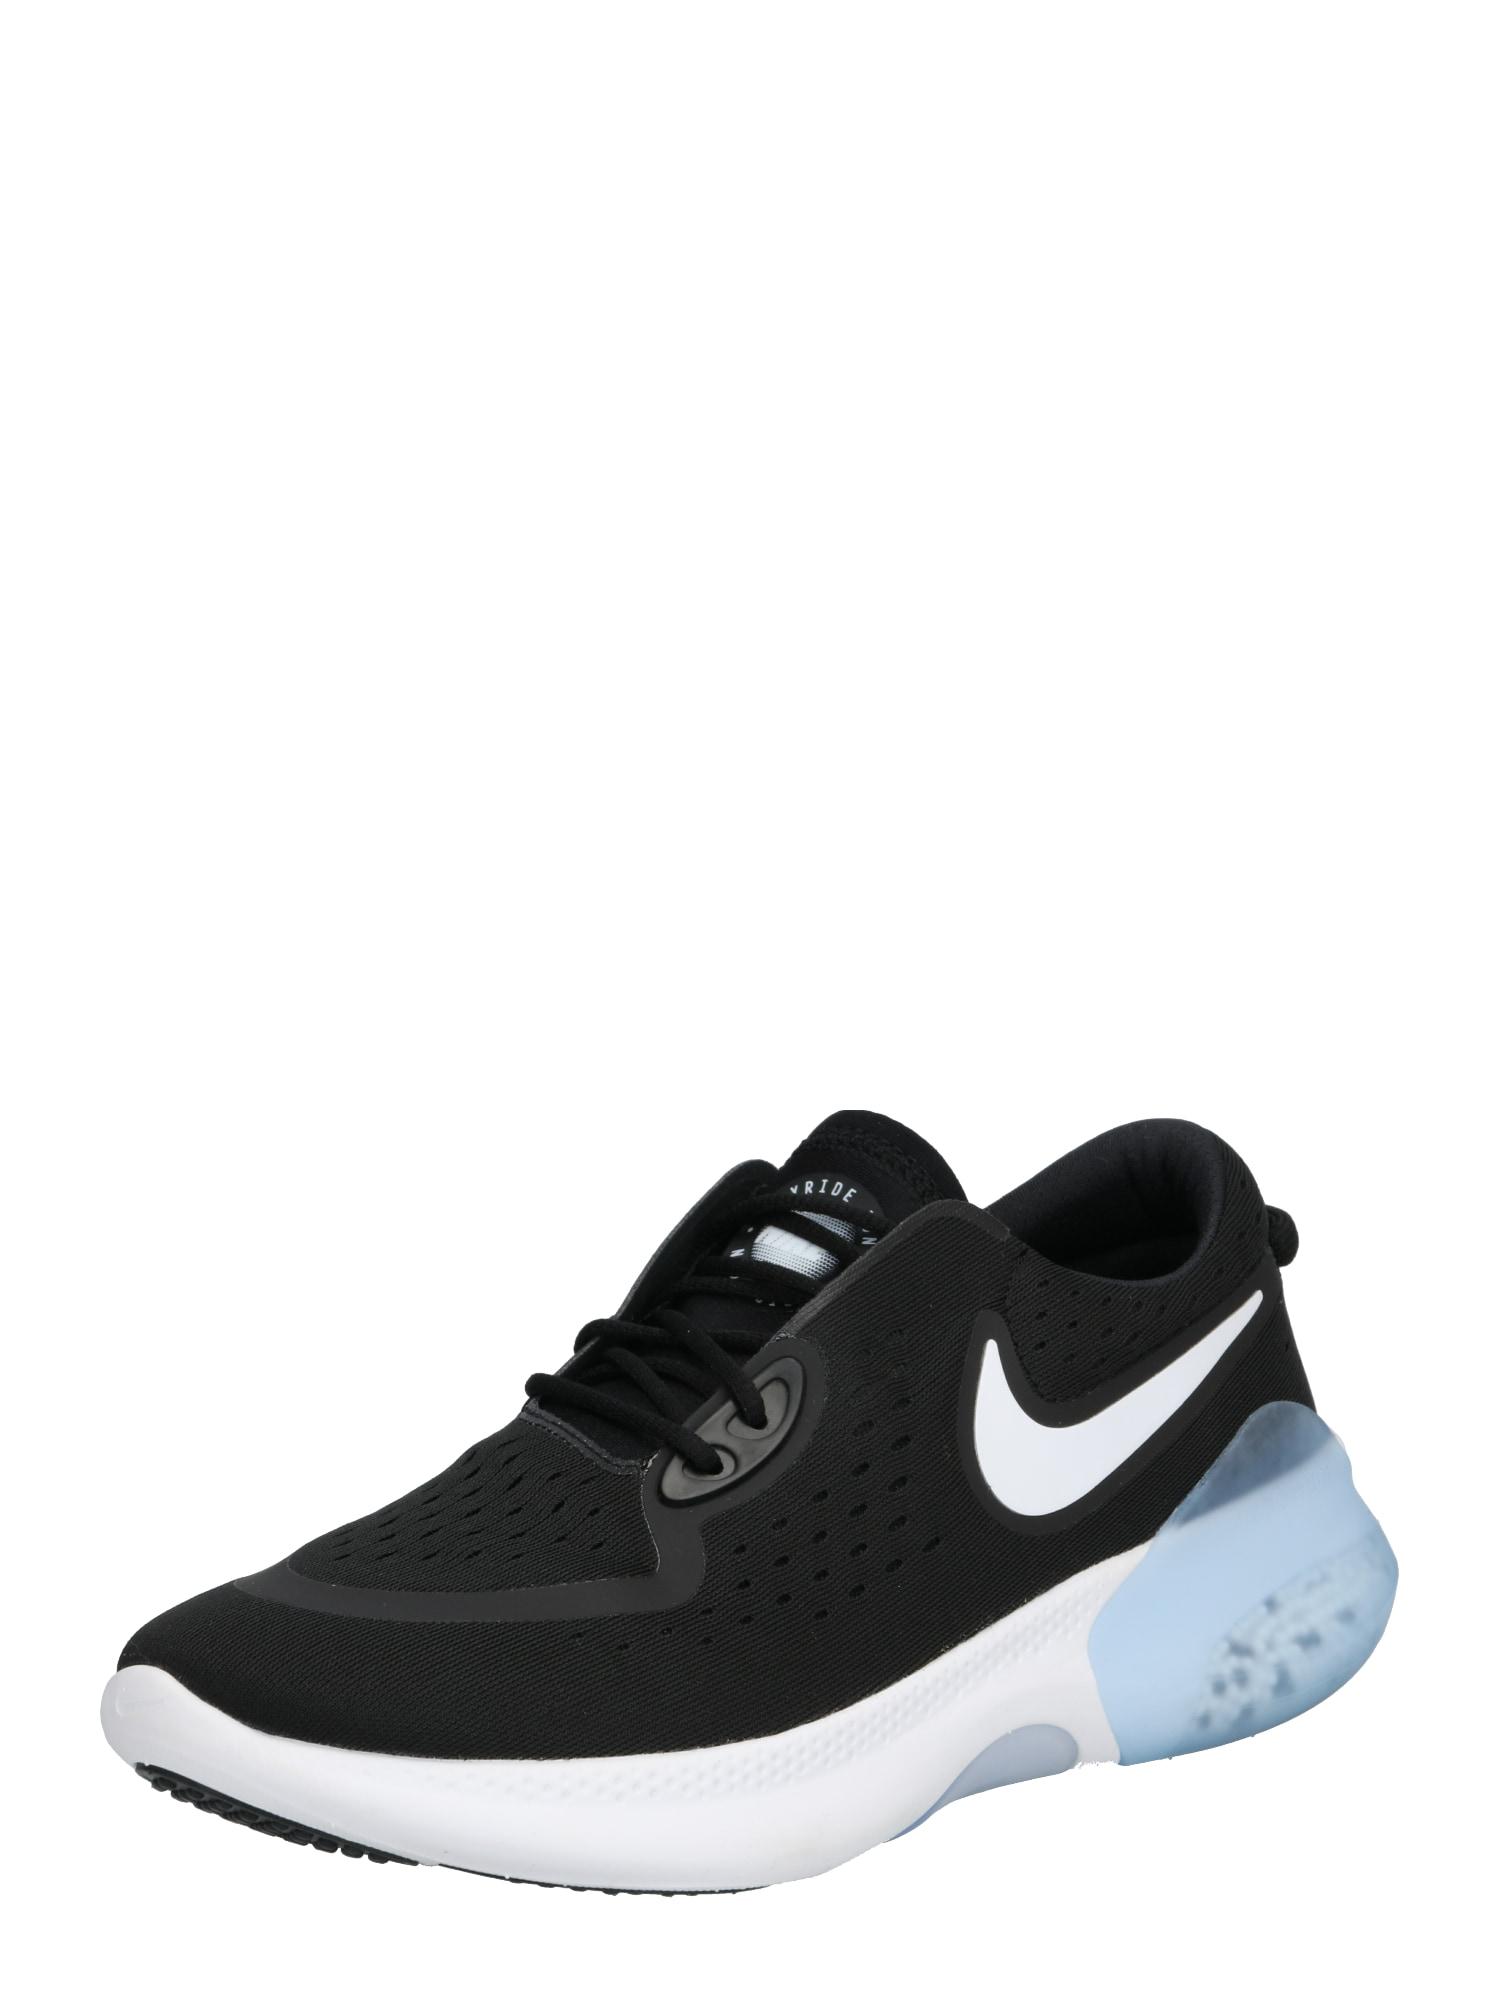 NIKE Bėgimo batai 'JOYRIDE RUN 2 POD' juoda / balta